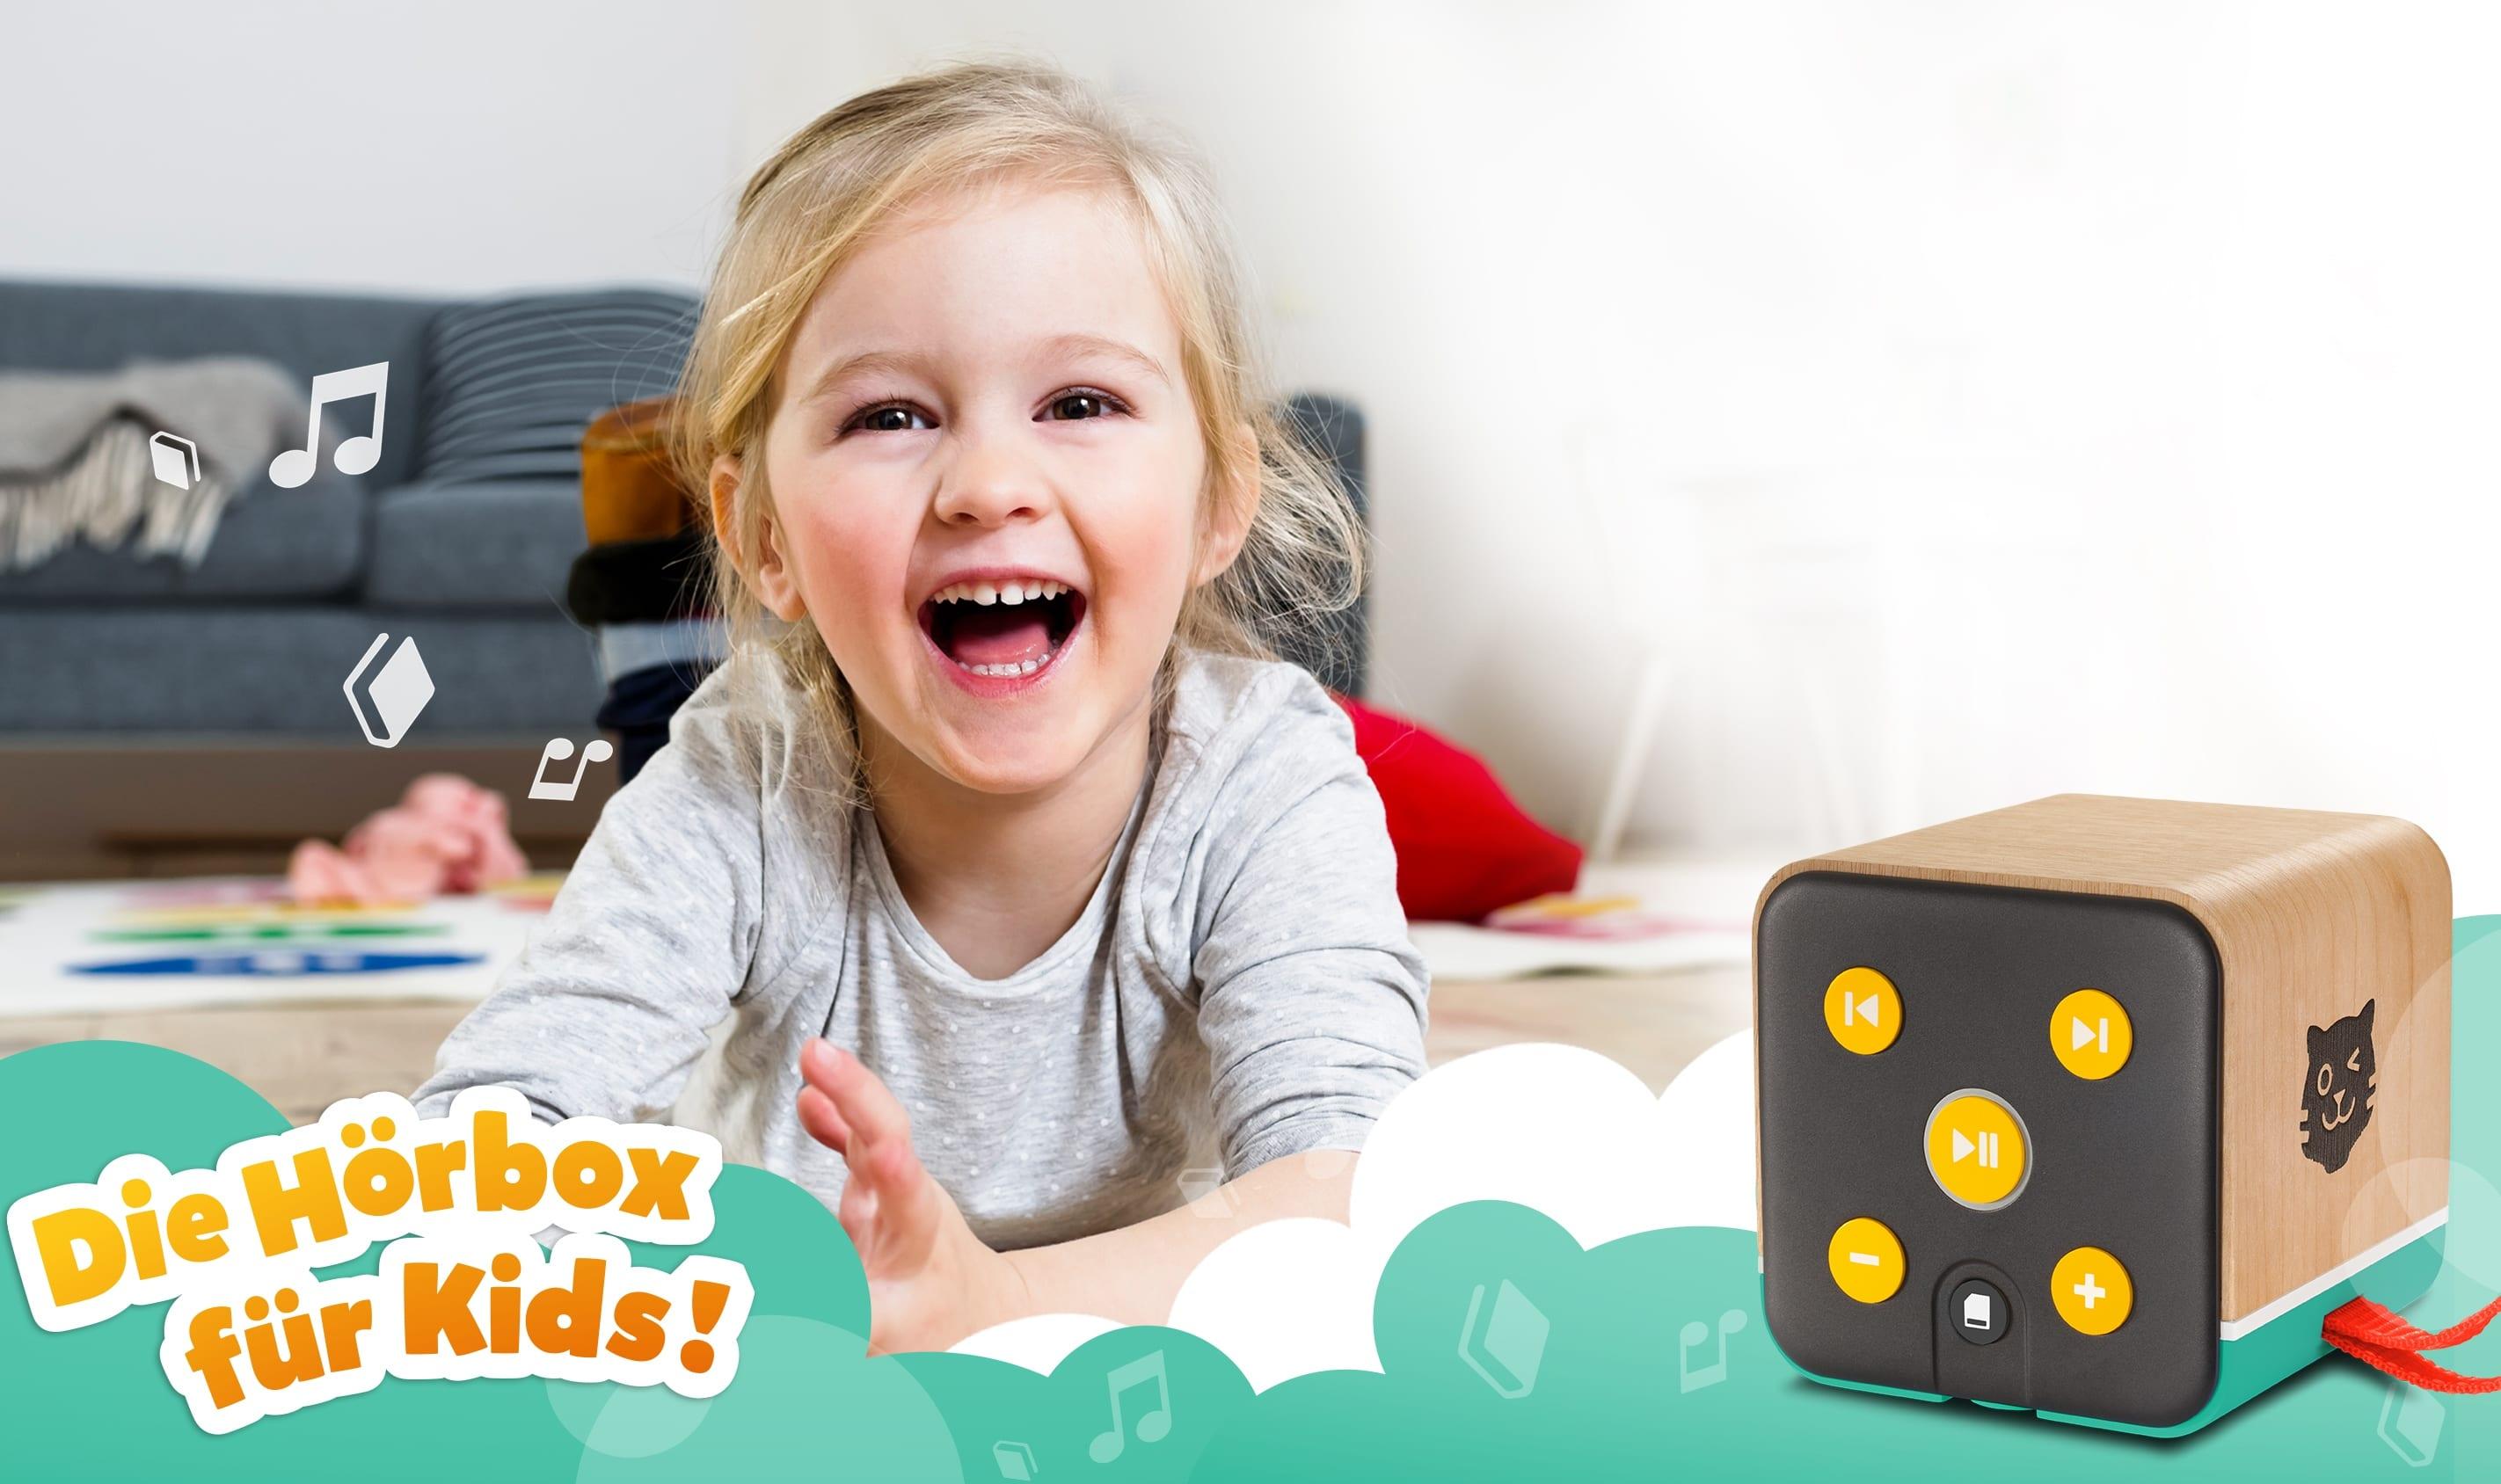 tigerbox – Die Hörbox für Kids!